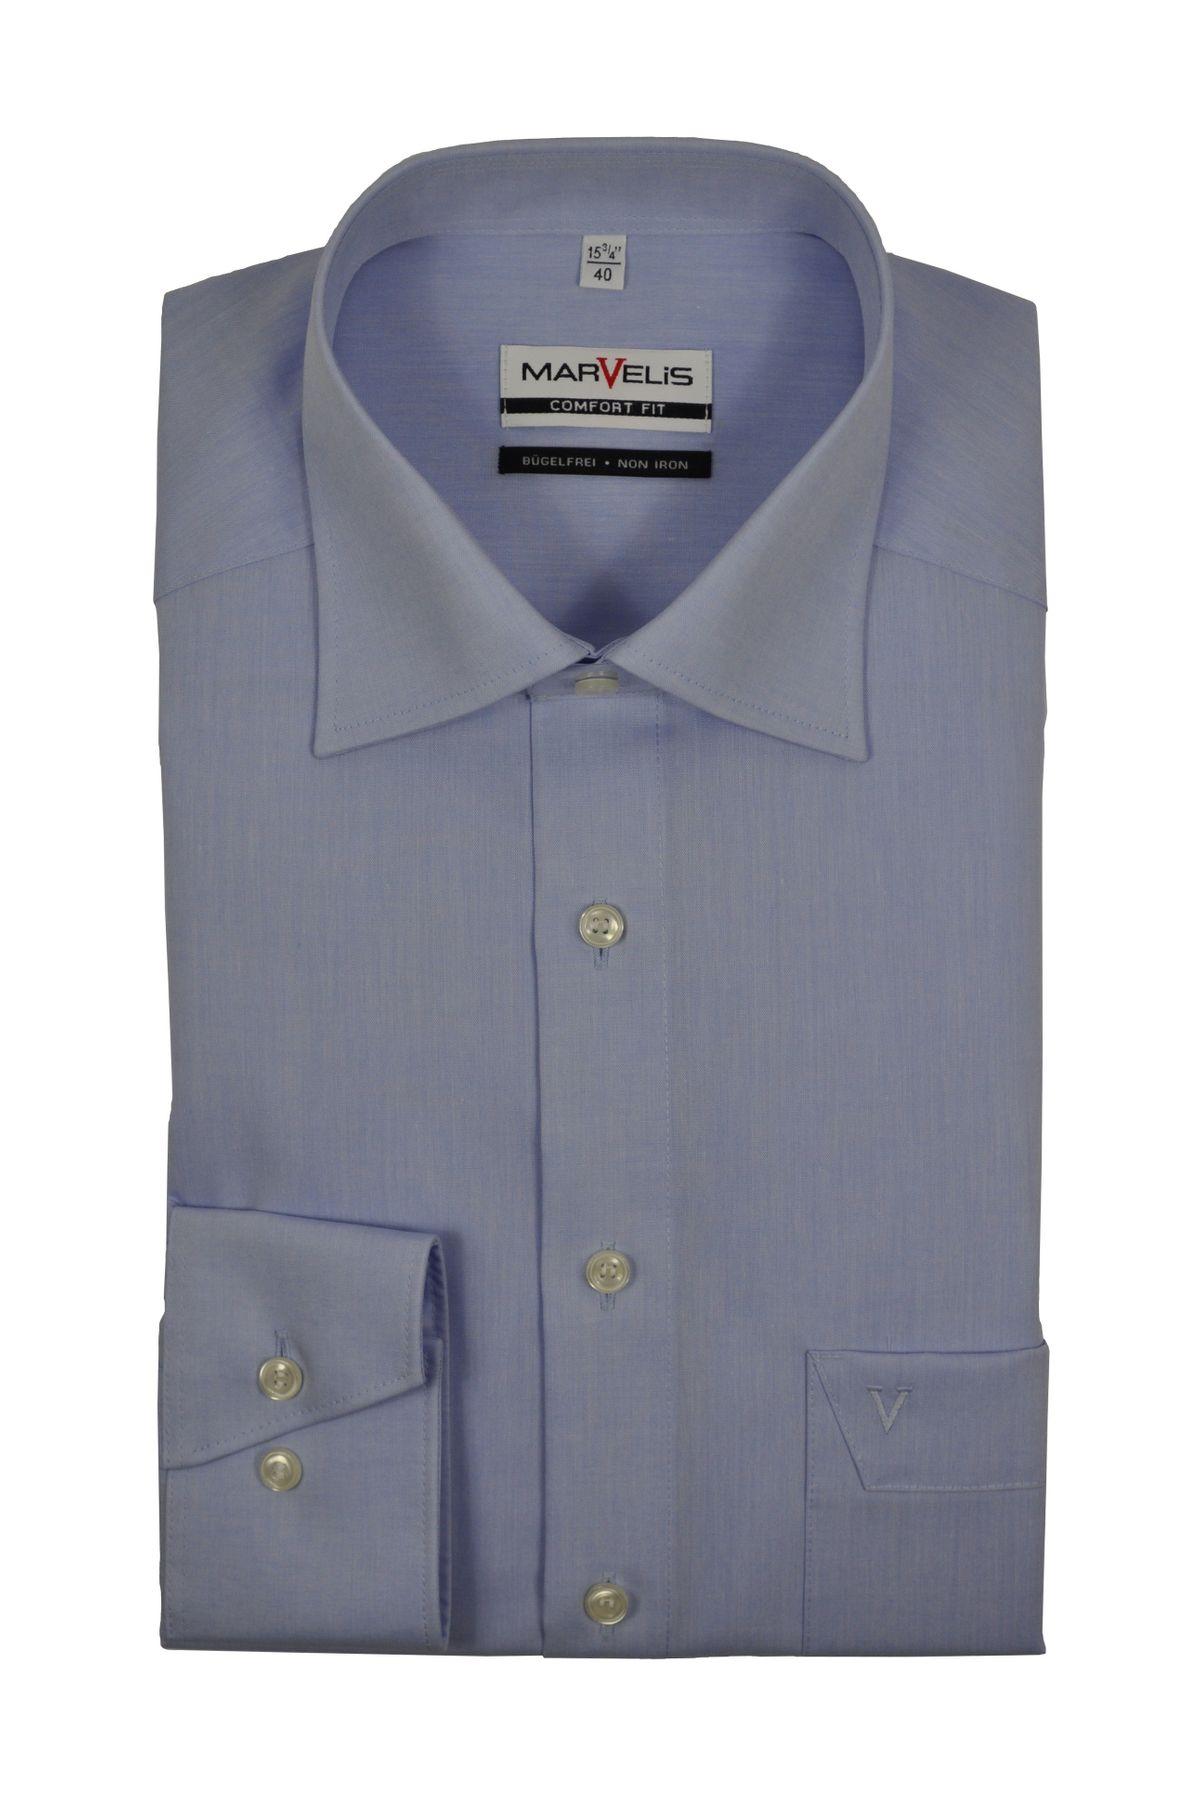 Marvelis - Comfort Fit - Bügelfreies Herren Langarm Hemd in verschiedenen Farben (7959/64)